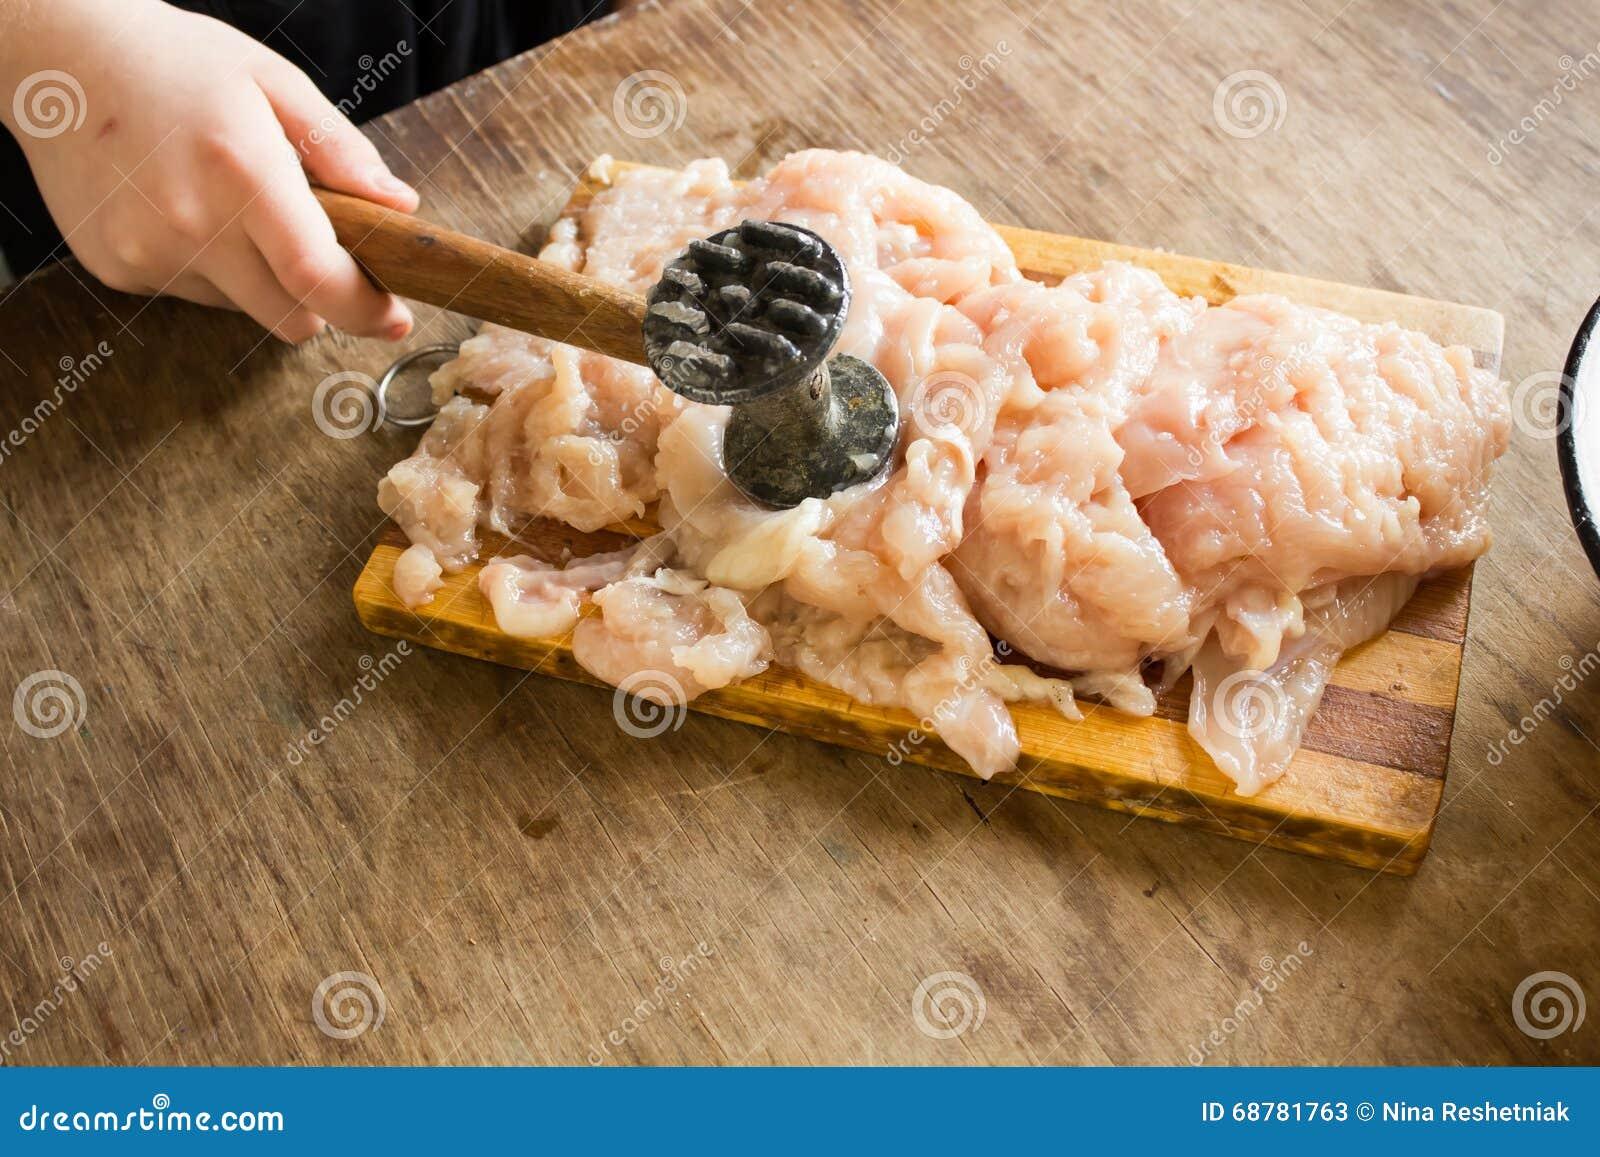 Child hand beat chicken fillet with hammer